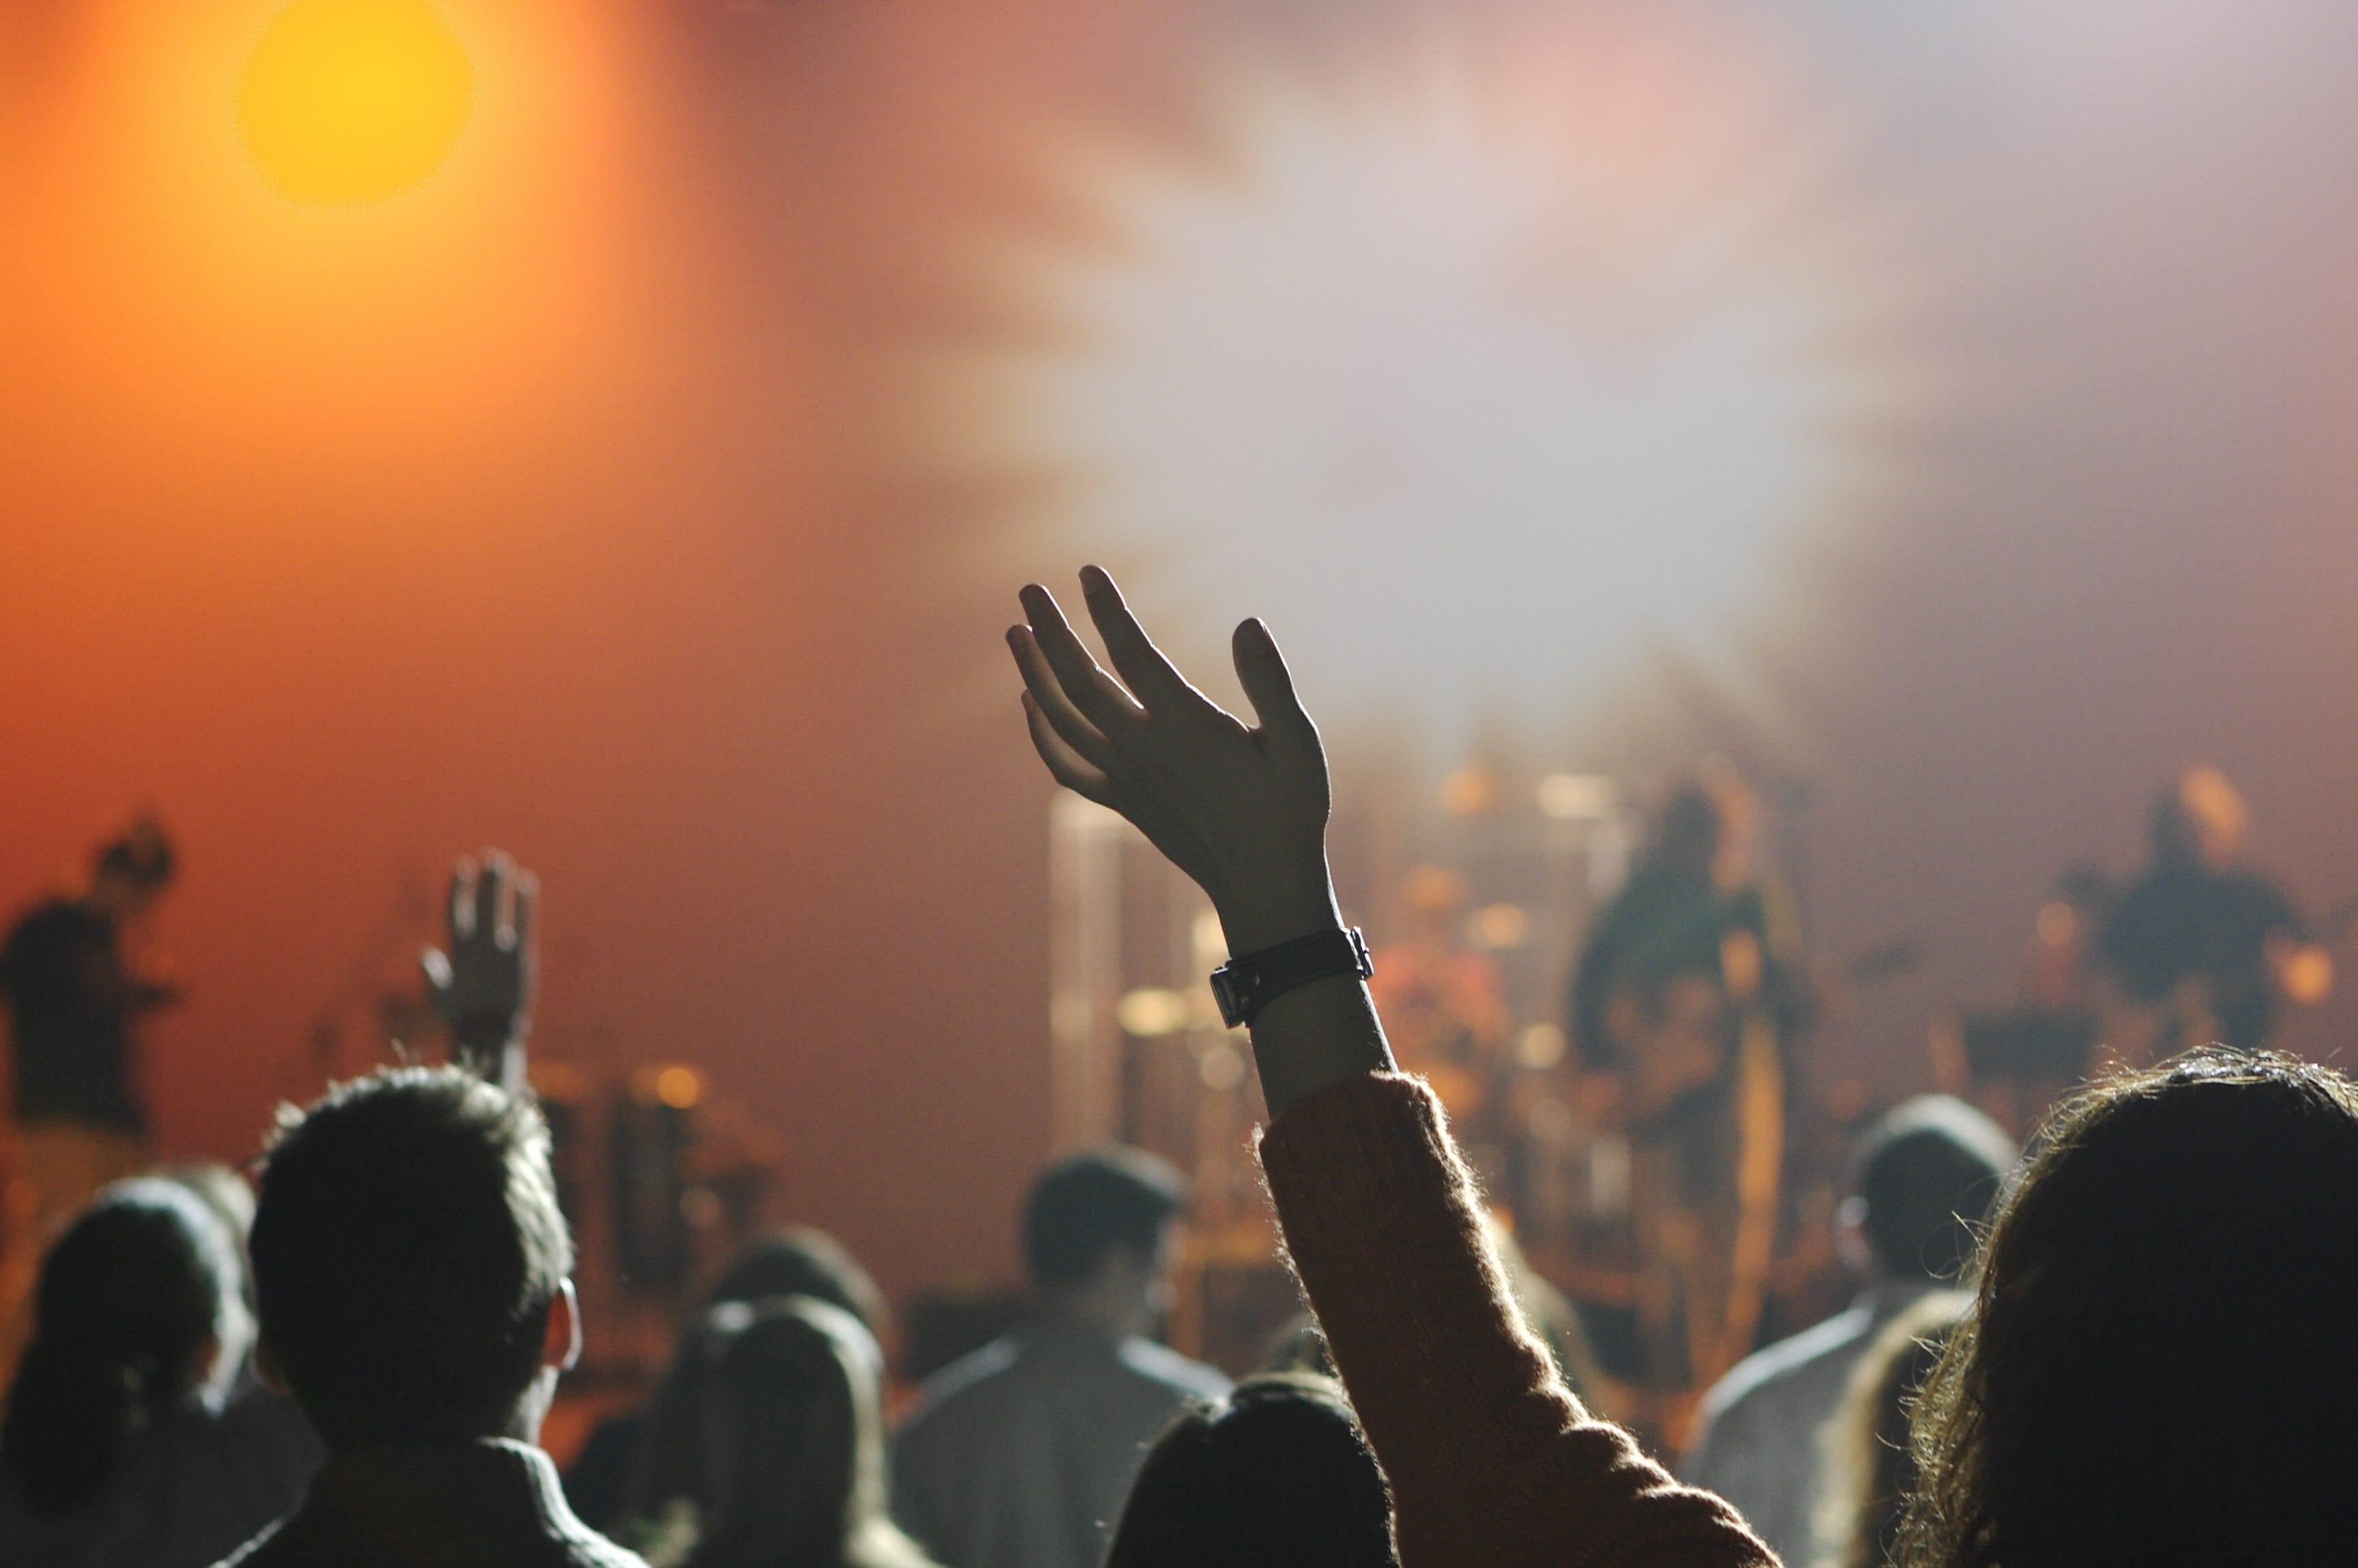 音楽に救われている日々だ、つくづく